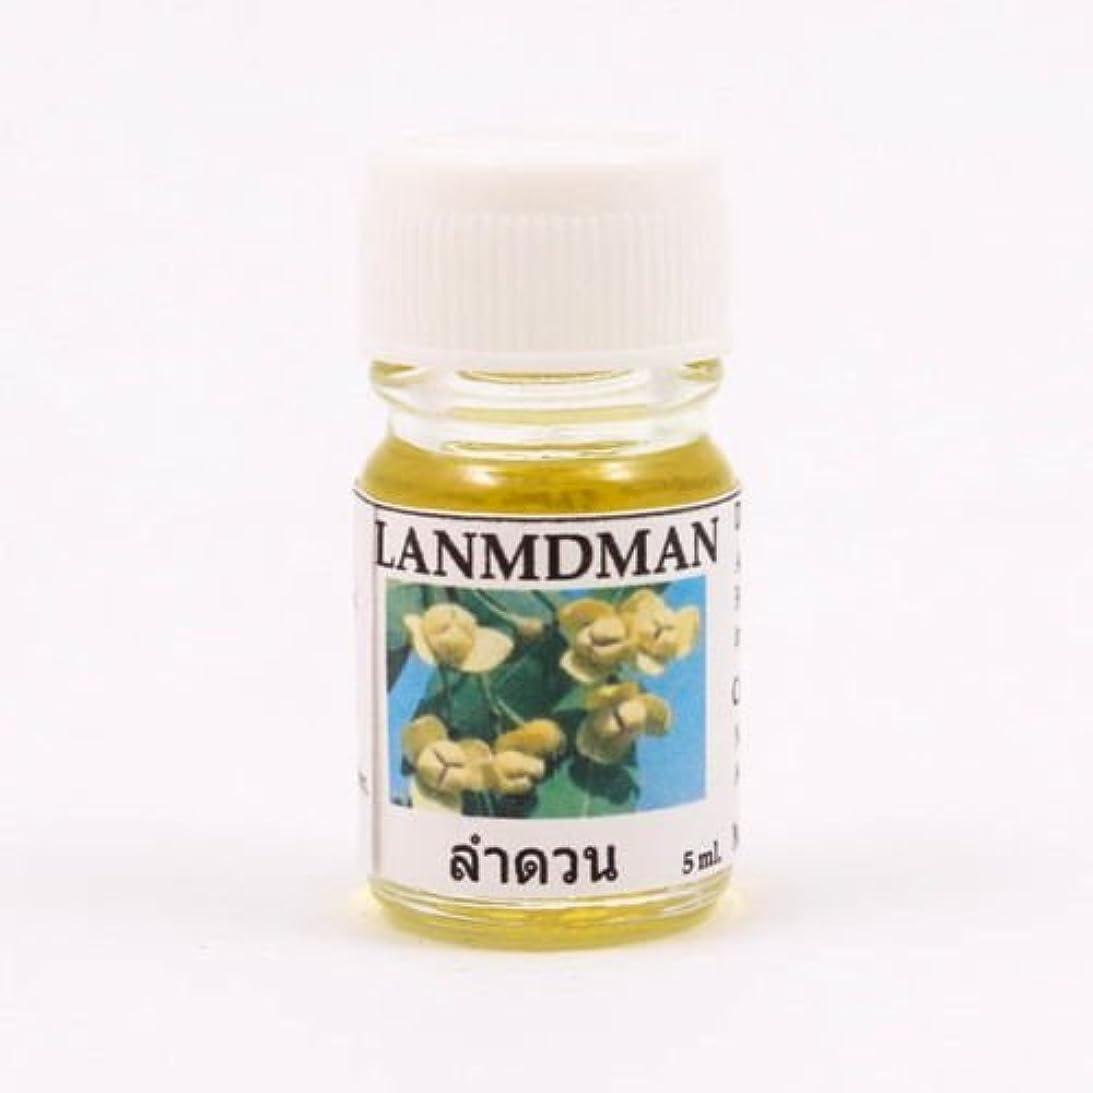 言語指定するまたね6X Lanmdman Aroma Fragrance Essential Oil 5ML. cc Diffuser Burner Therapy